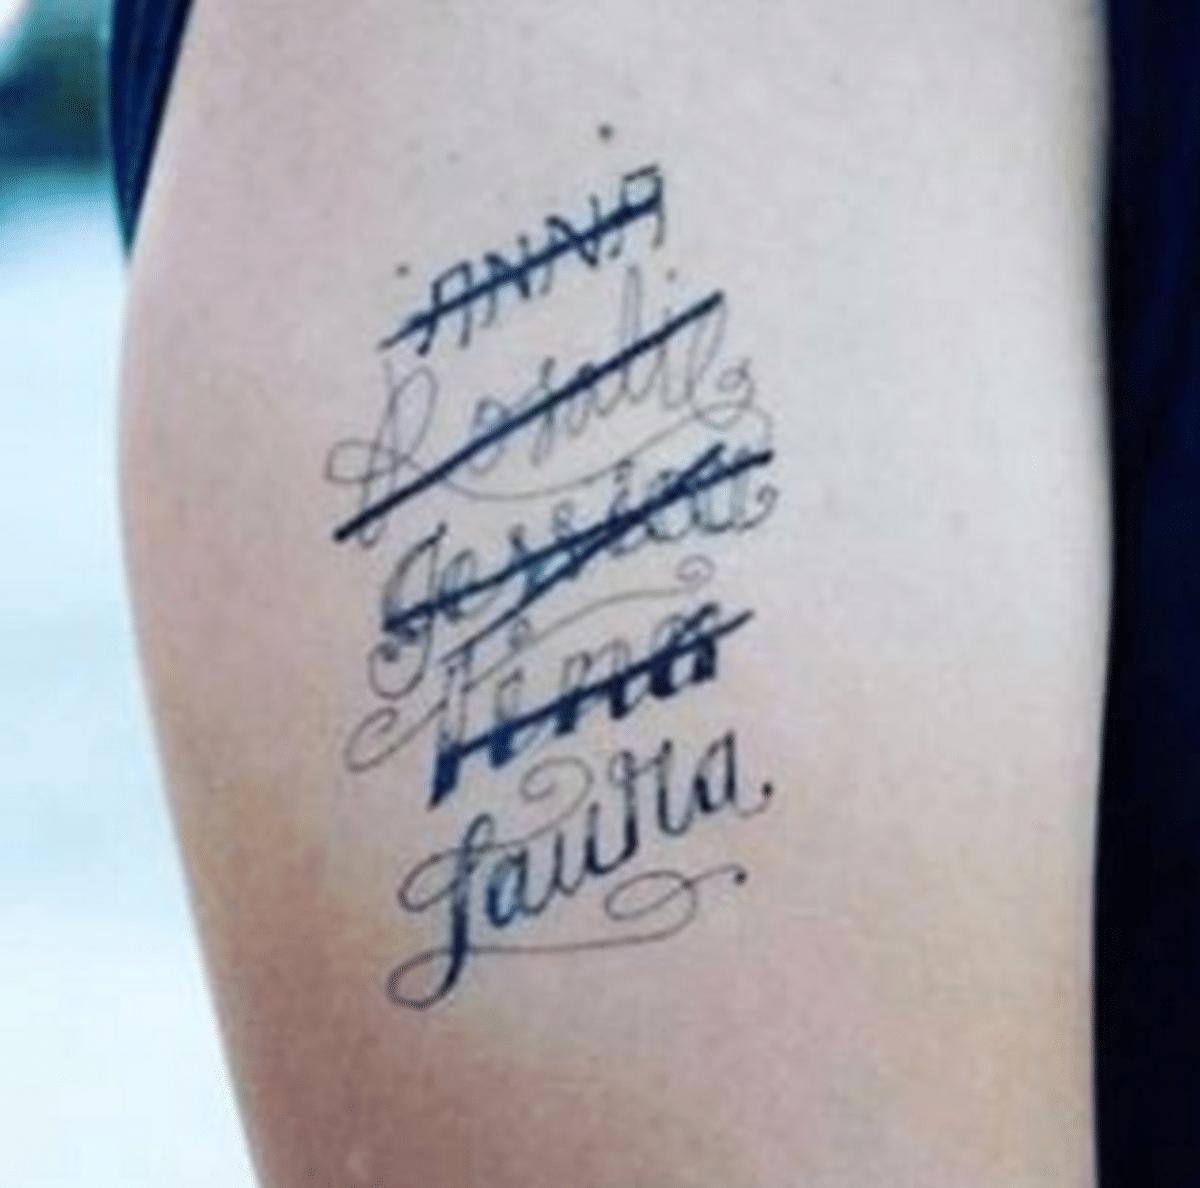 togliere-tatuaggio-brutto-shibumi-torino